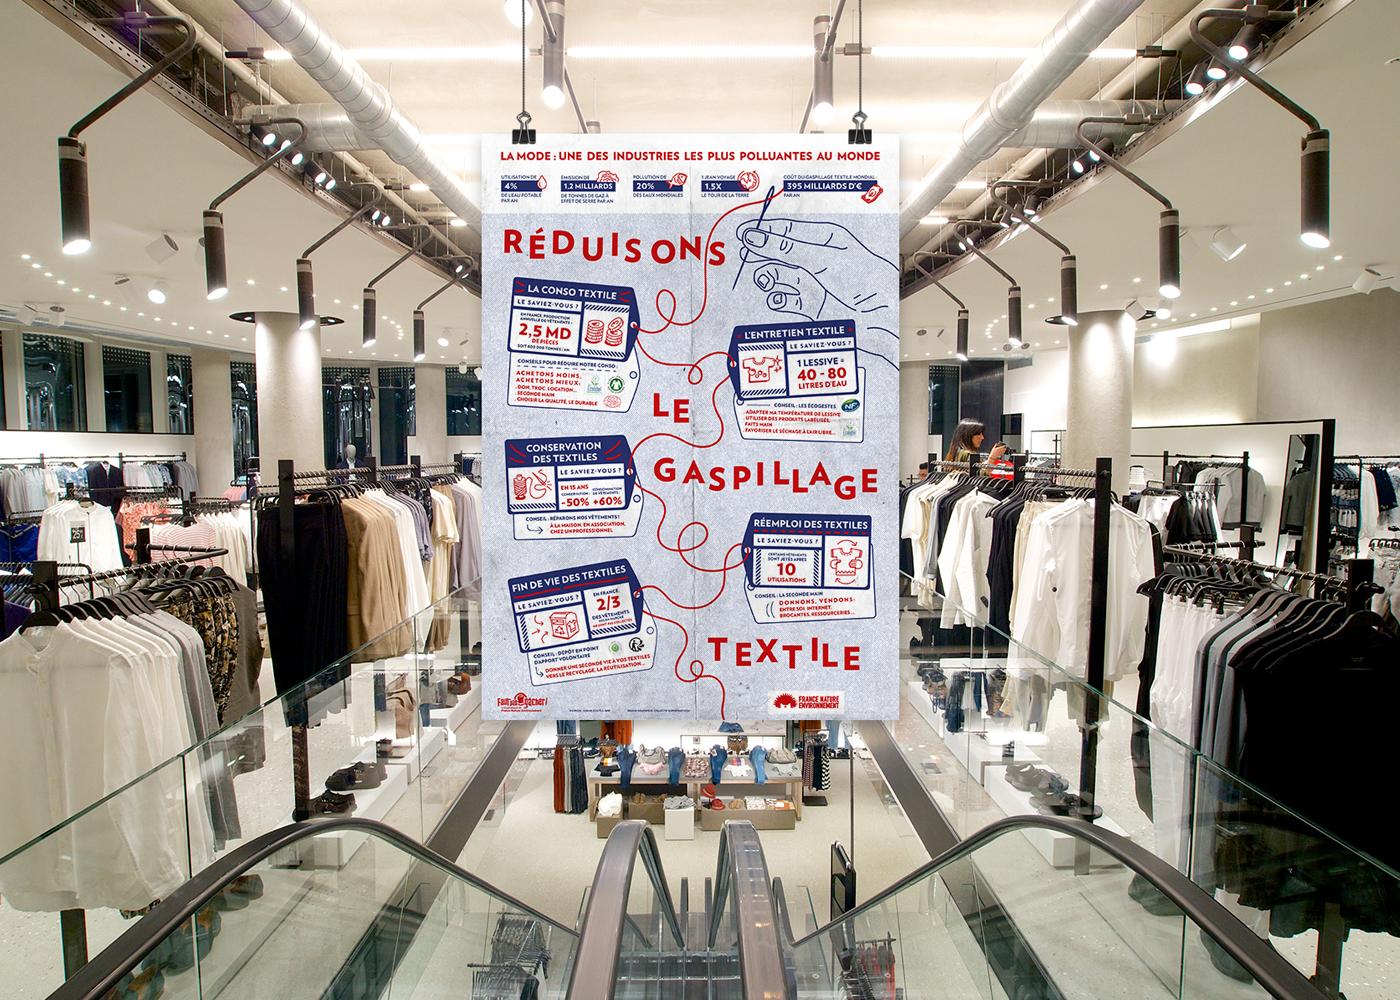 Mockup de l'affiche FNE contre le gaspillage textile accrochée dans un magasin de vêtements